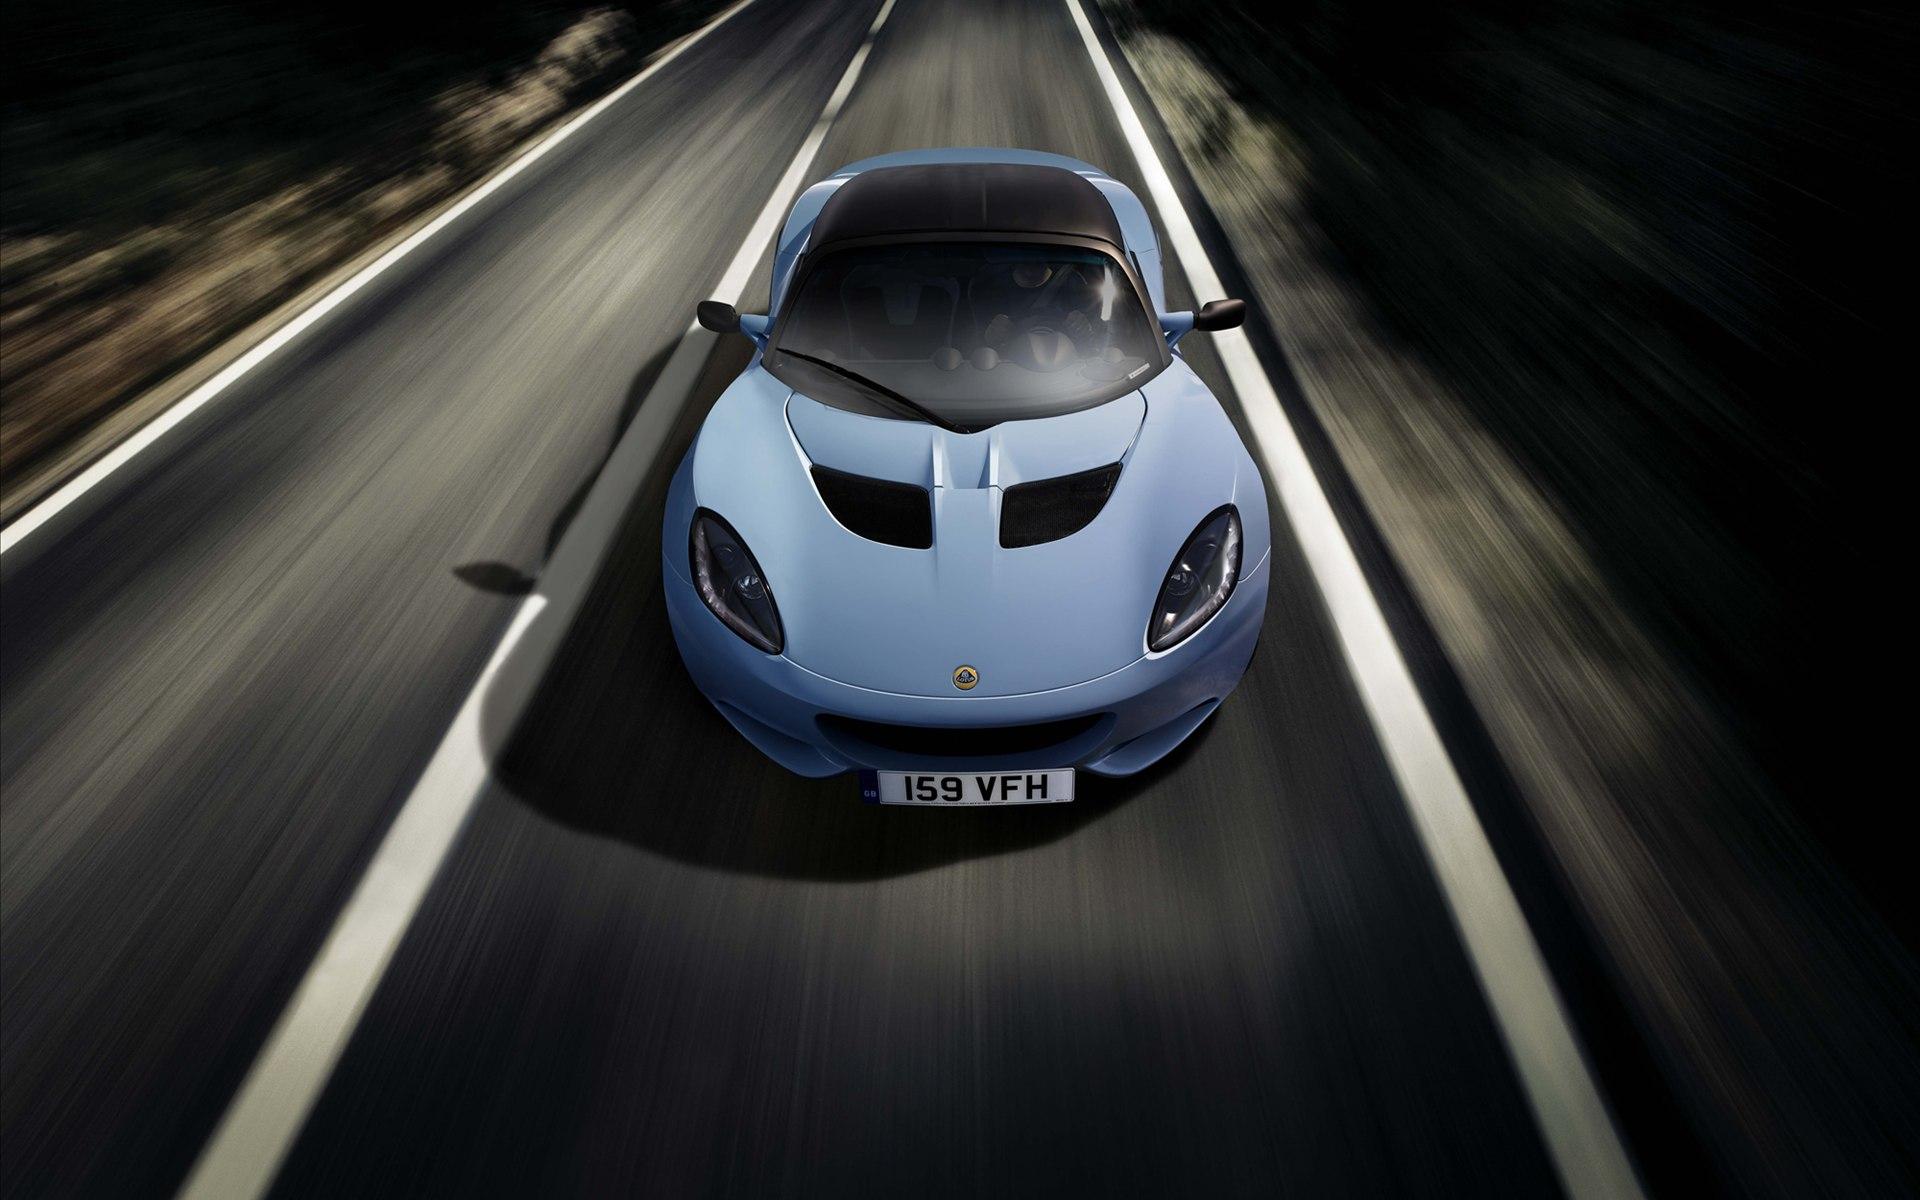 http://www.hdcarwallpapers.com/walls/2012_lotus_elise_club_racer-wide.jpg